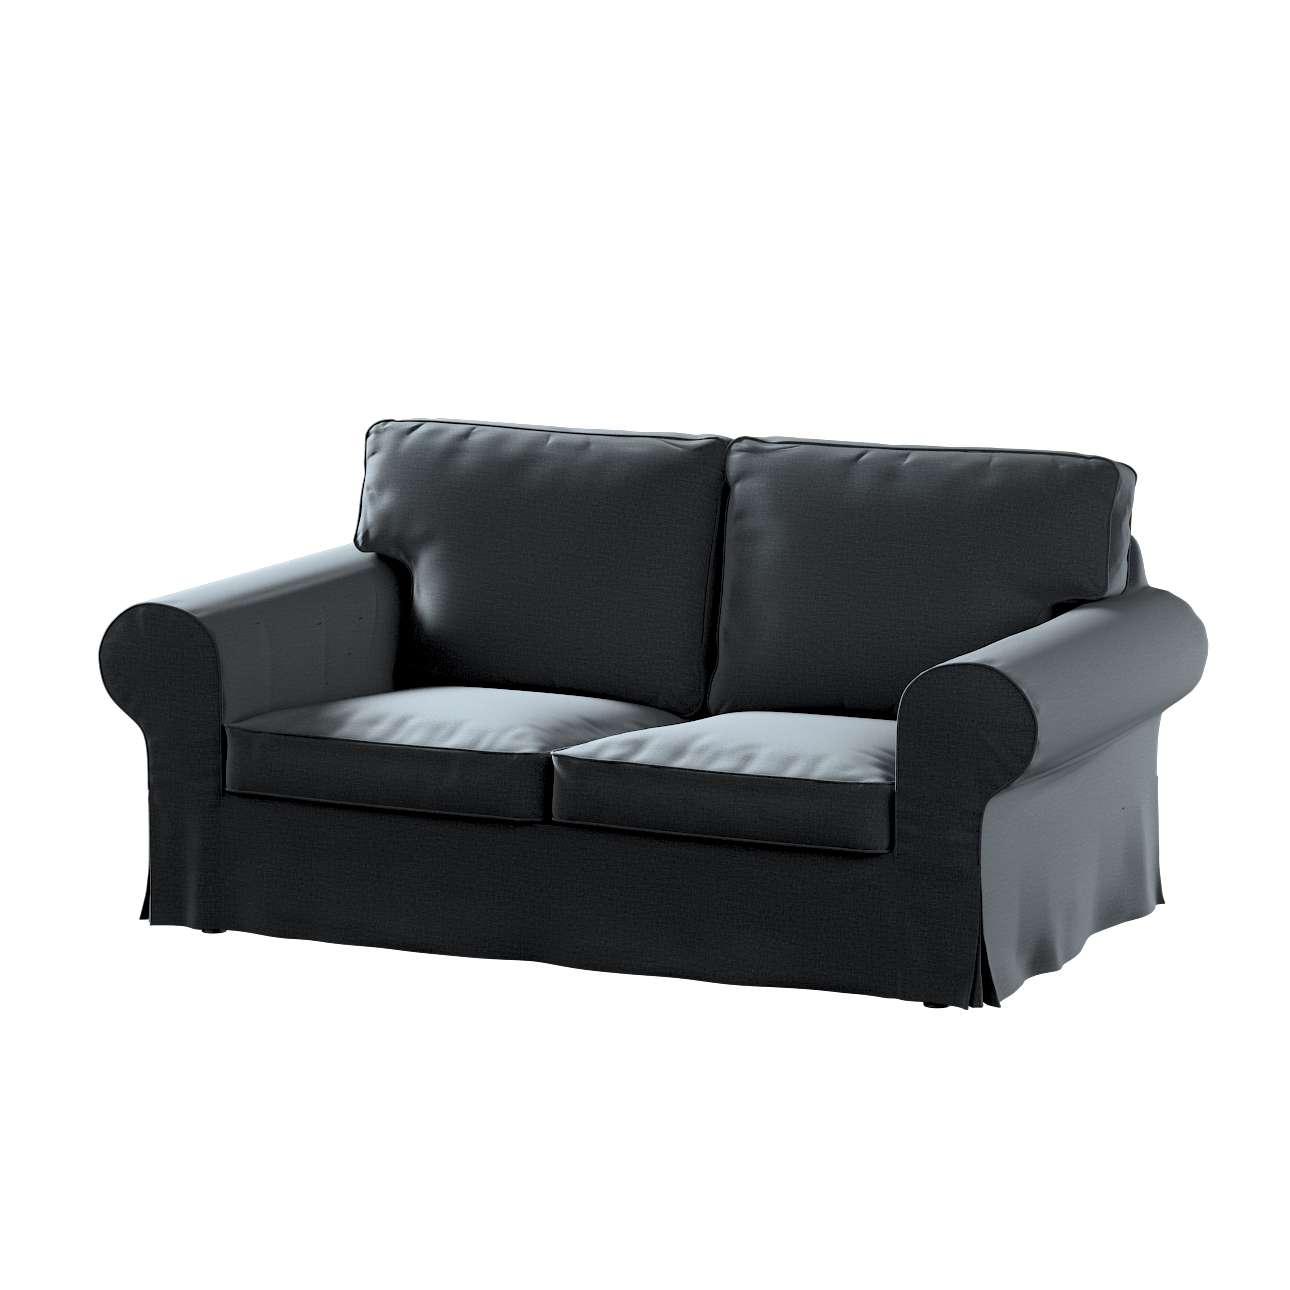 Poťah na sedačku Ektorp (nerozkladá sa, pre 2 osoby) V kolekcii Ingrid, tkanina: 705-43